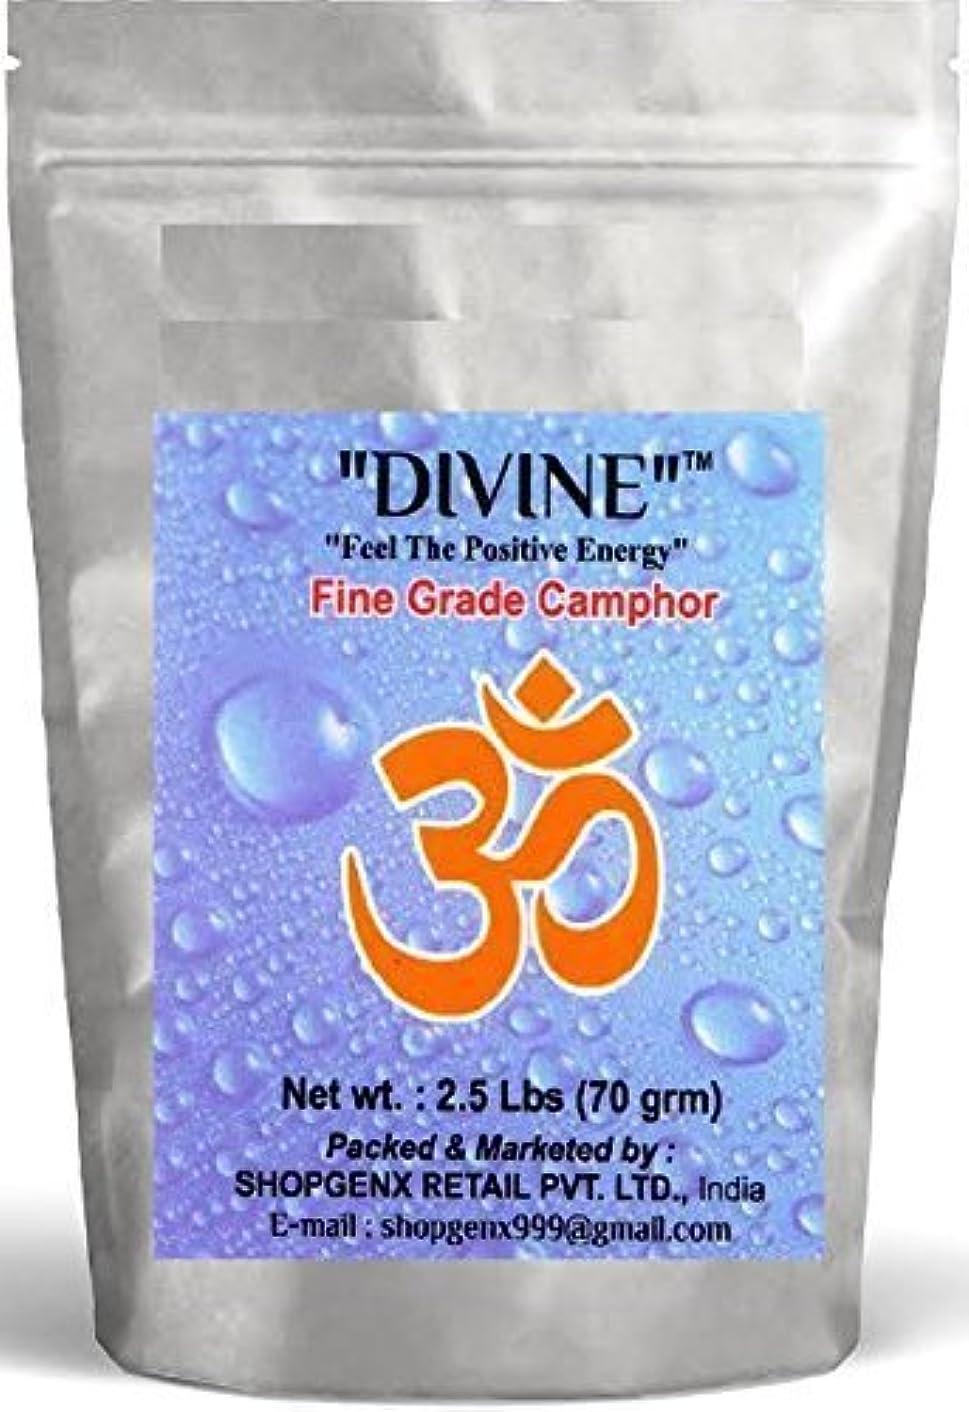 アーティキュレーション休暇台風Divine供養Pure 70 g Refined Camphor Flakes for Holy Spiritual Hindu供養Ganpati & Diwali Rituals